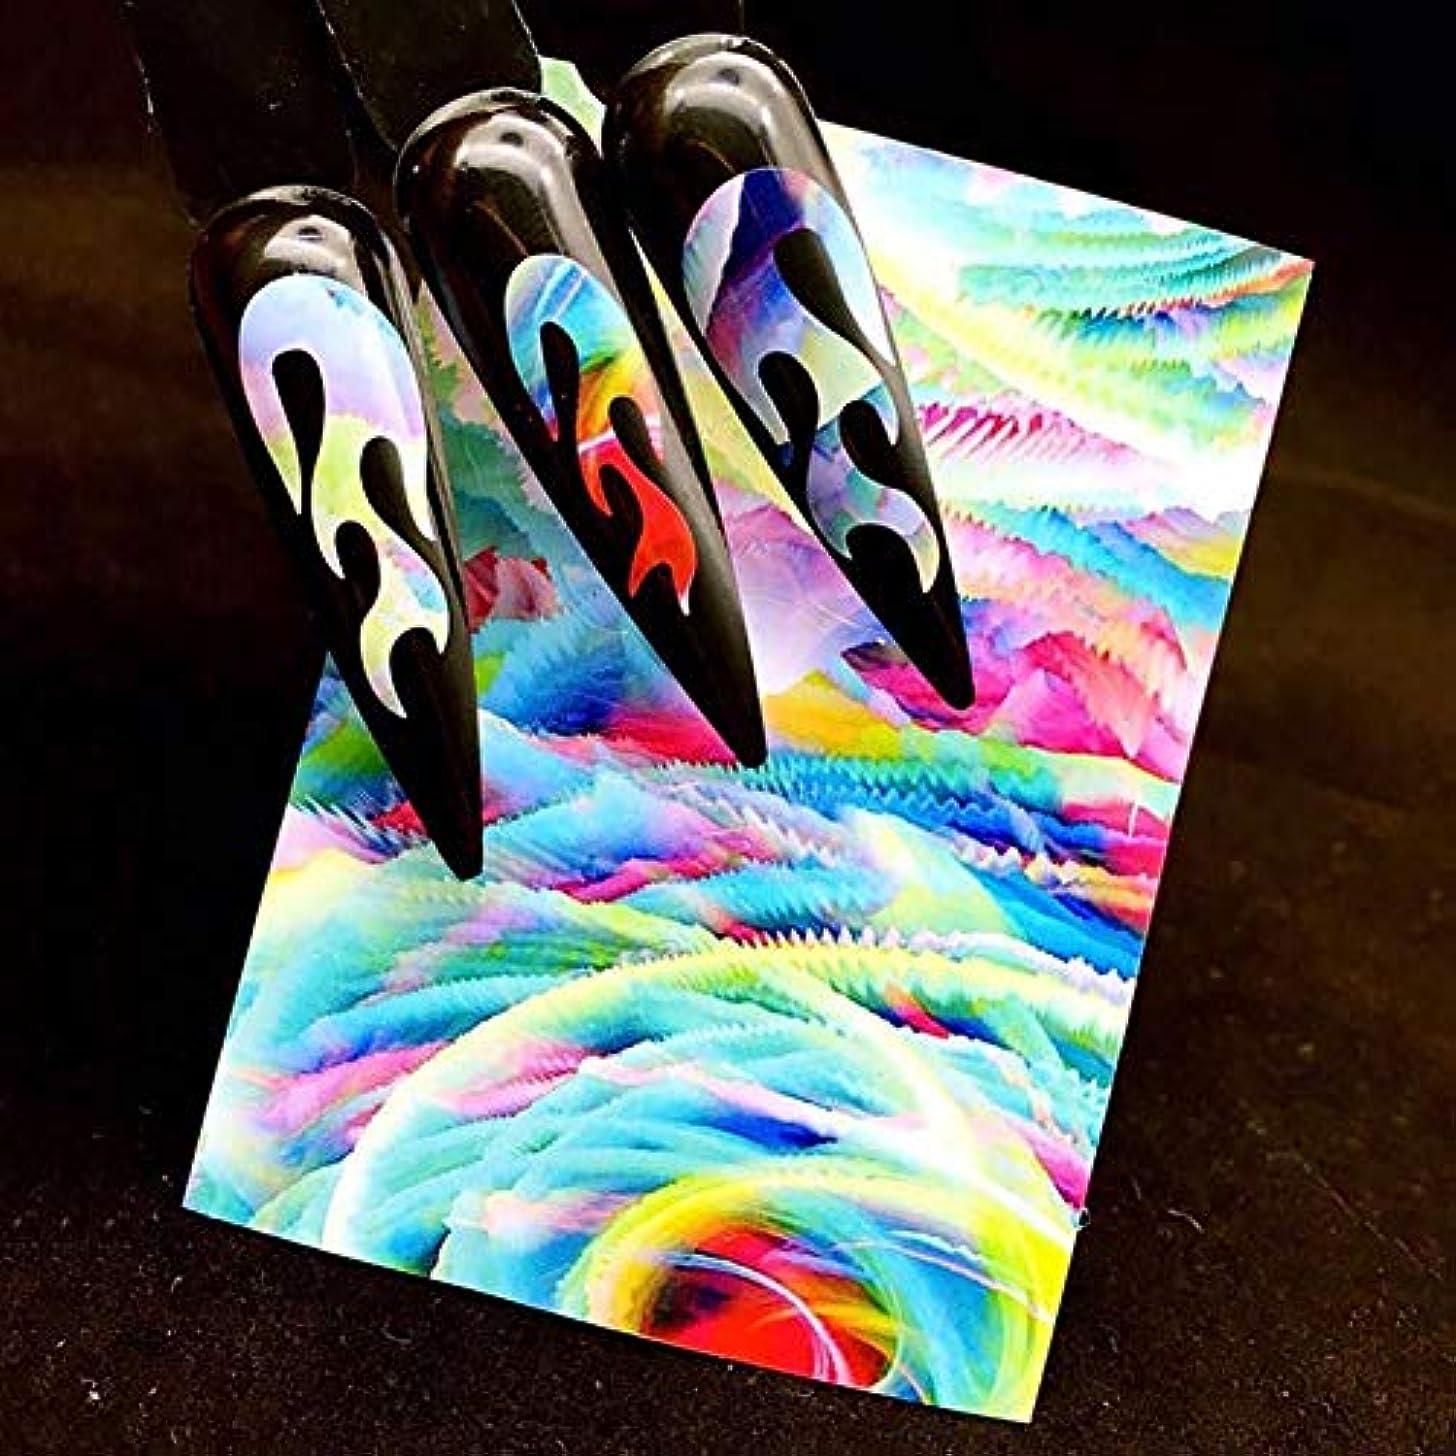 印象的不明瞭マイナスMurakush ネイルステッカー レーザー接着 ステッカー 炎パターン オーロラ マニキュア装飾 ネイルアート デカールツール 2#